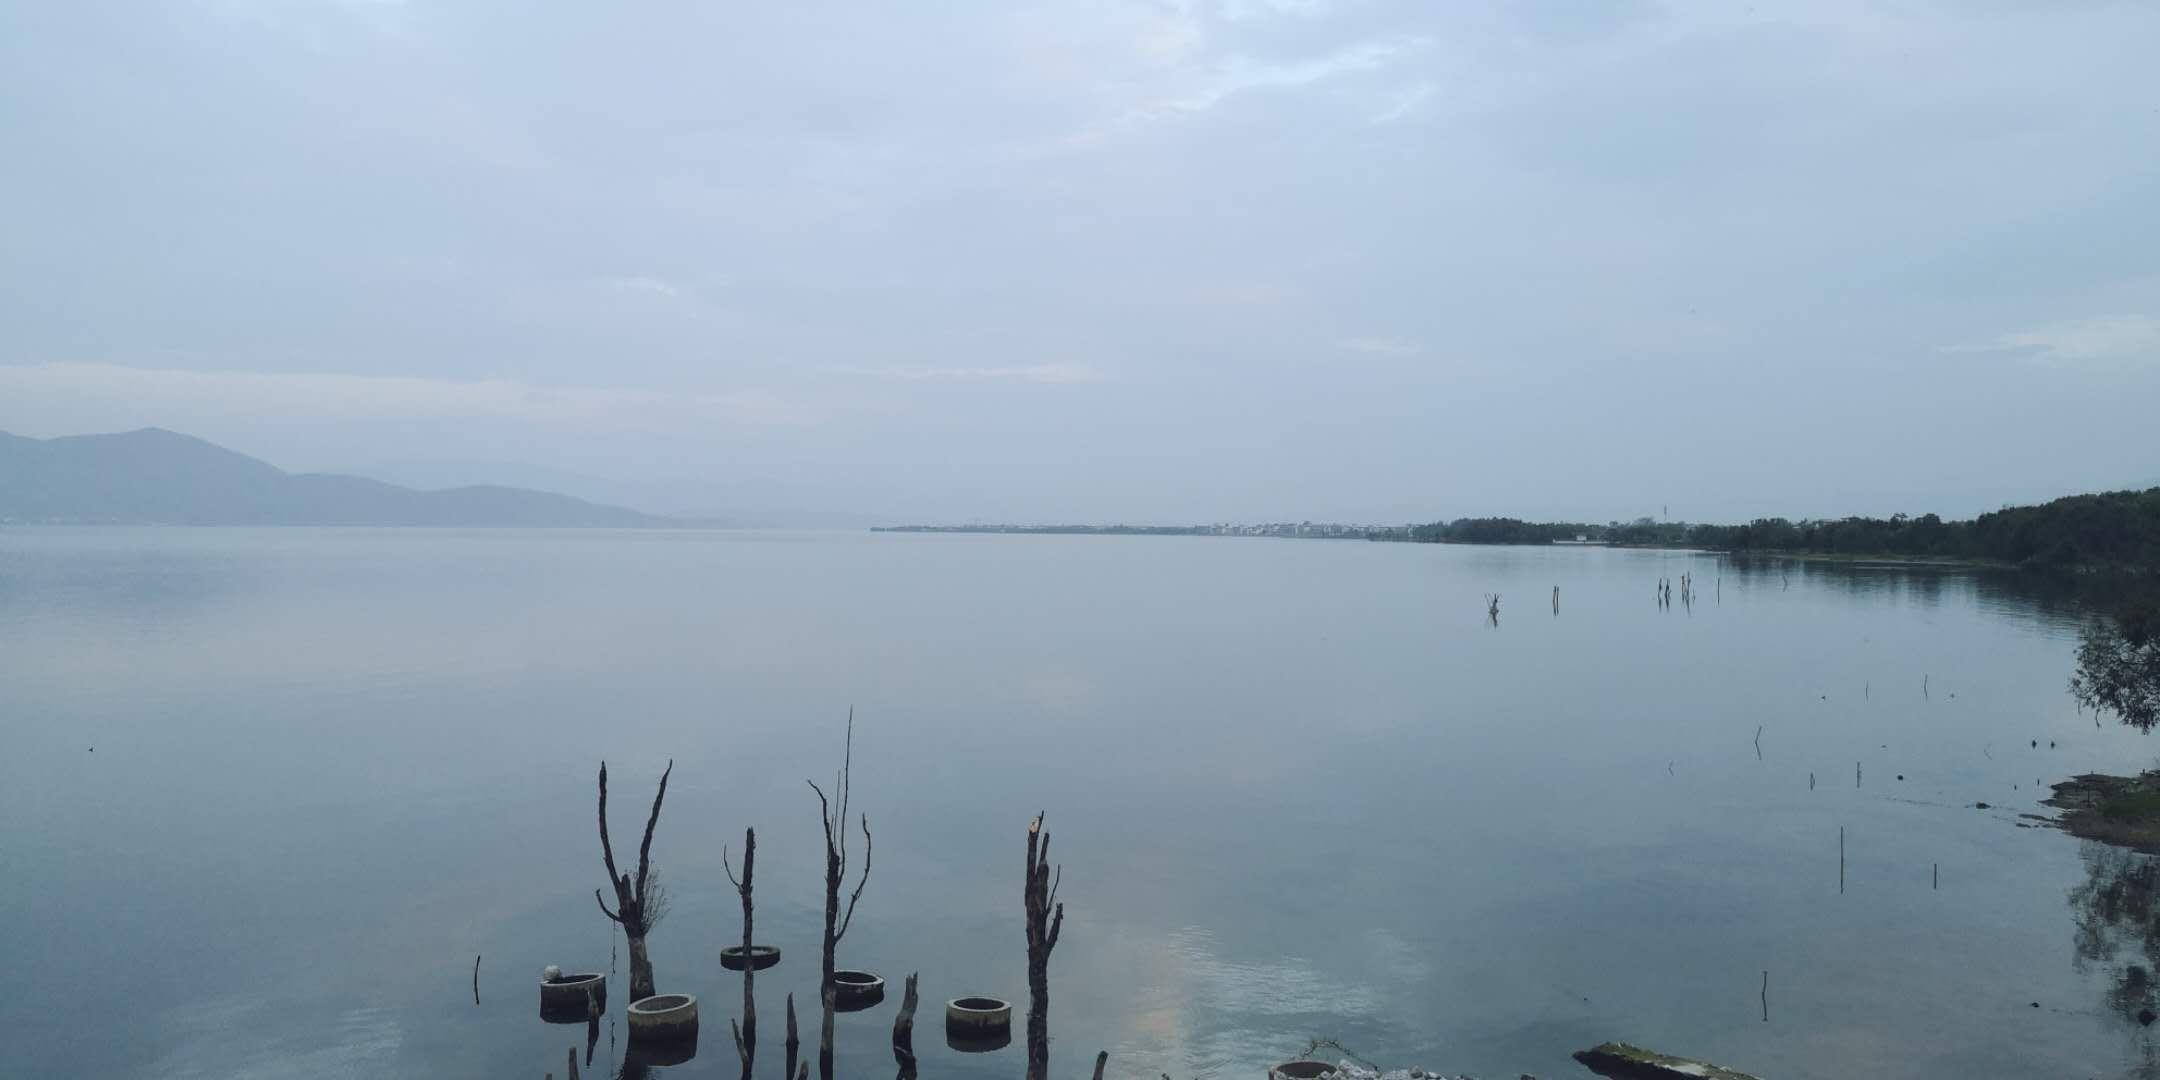 洱海环海路夏日风景